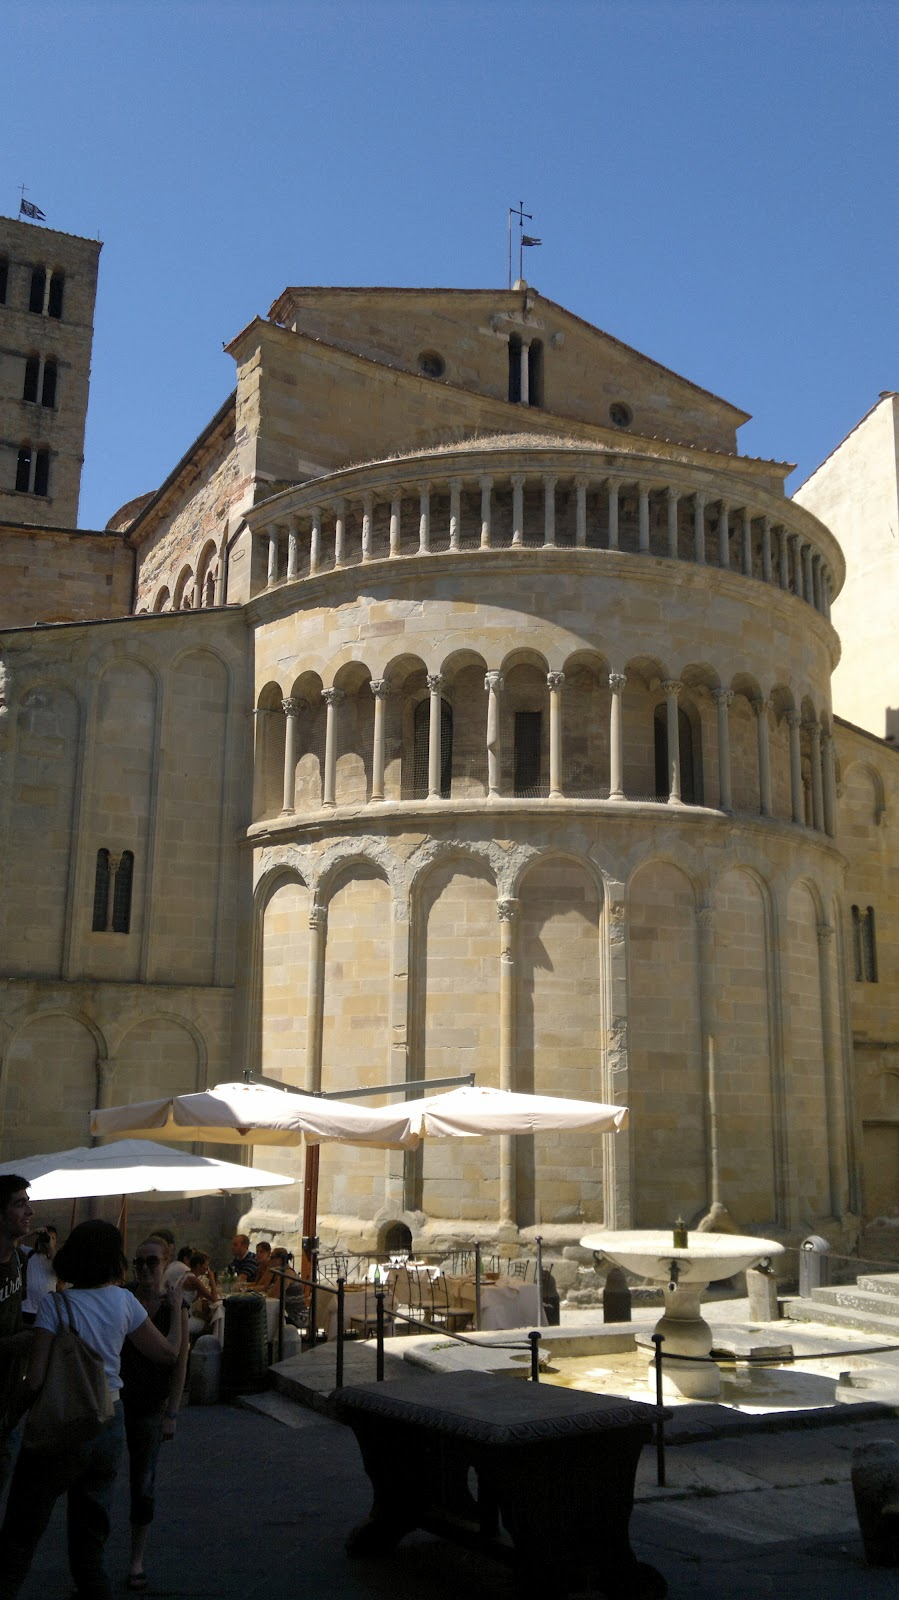 Archi tetti arte ed antiquariato ad arezzo for Arezzo antiquariato